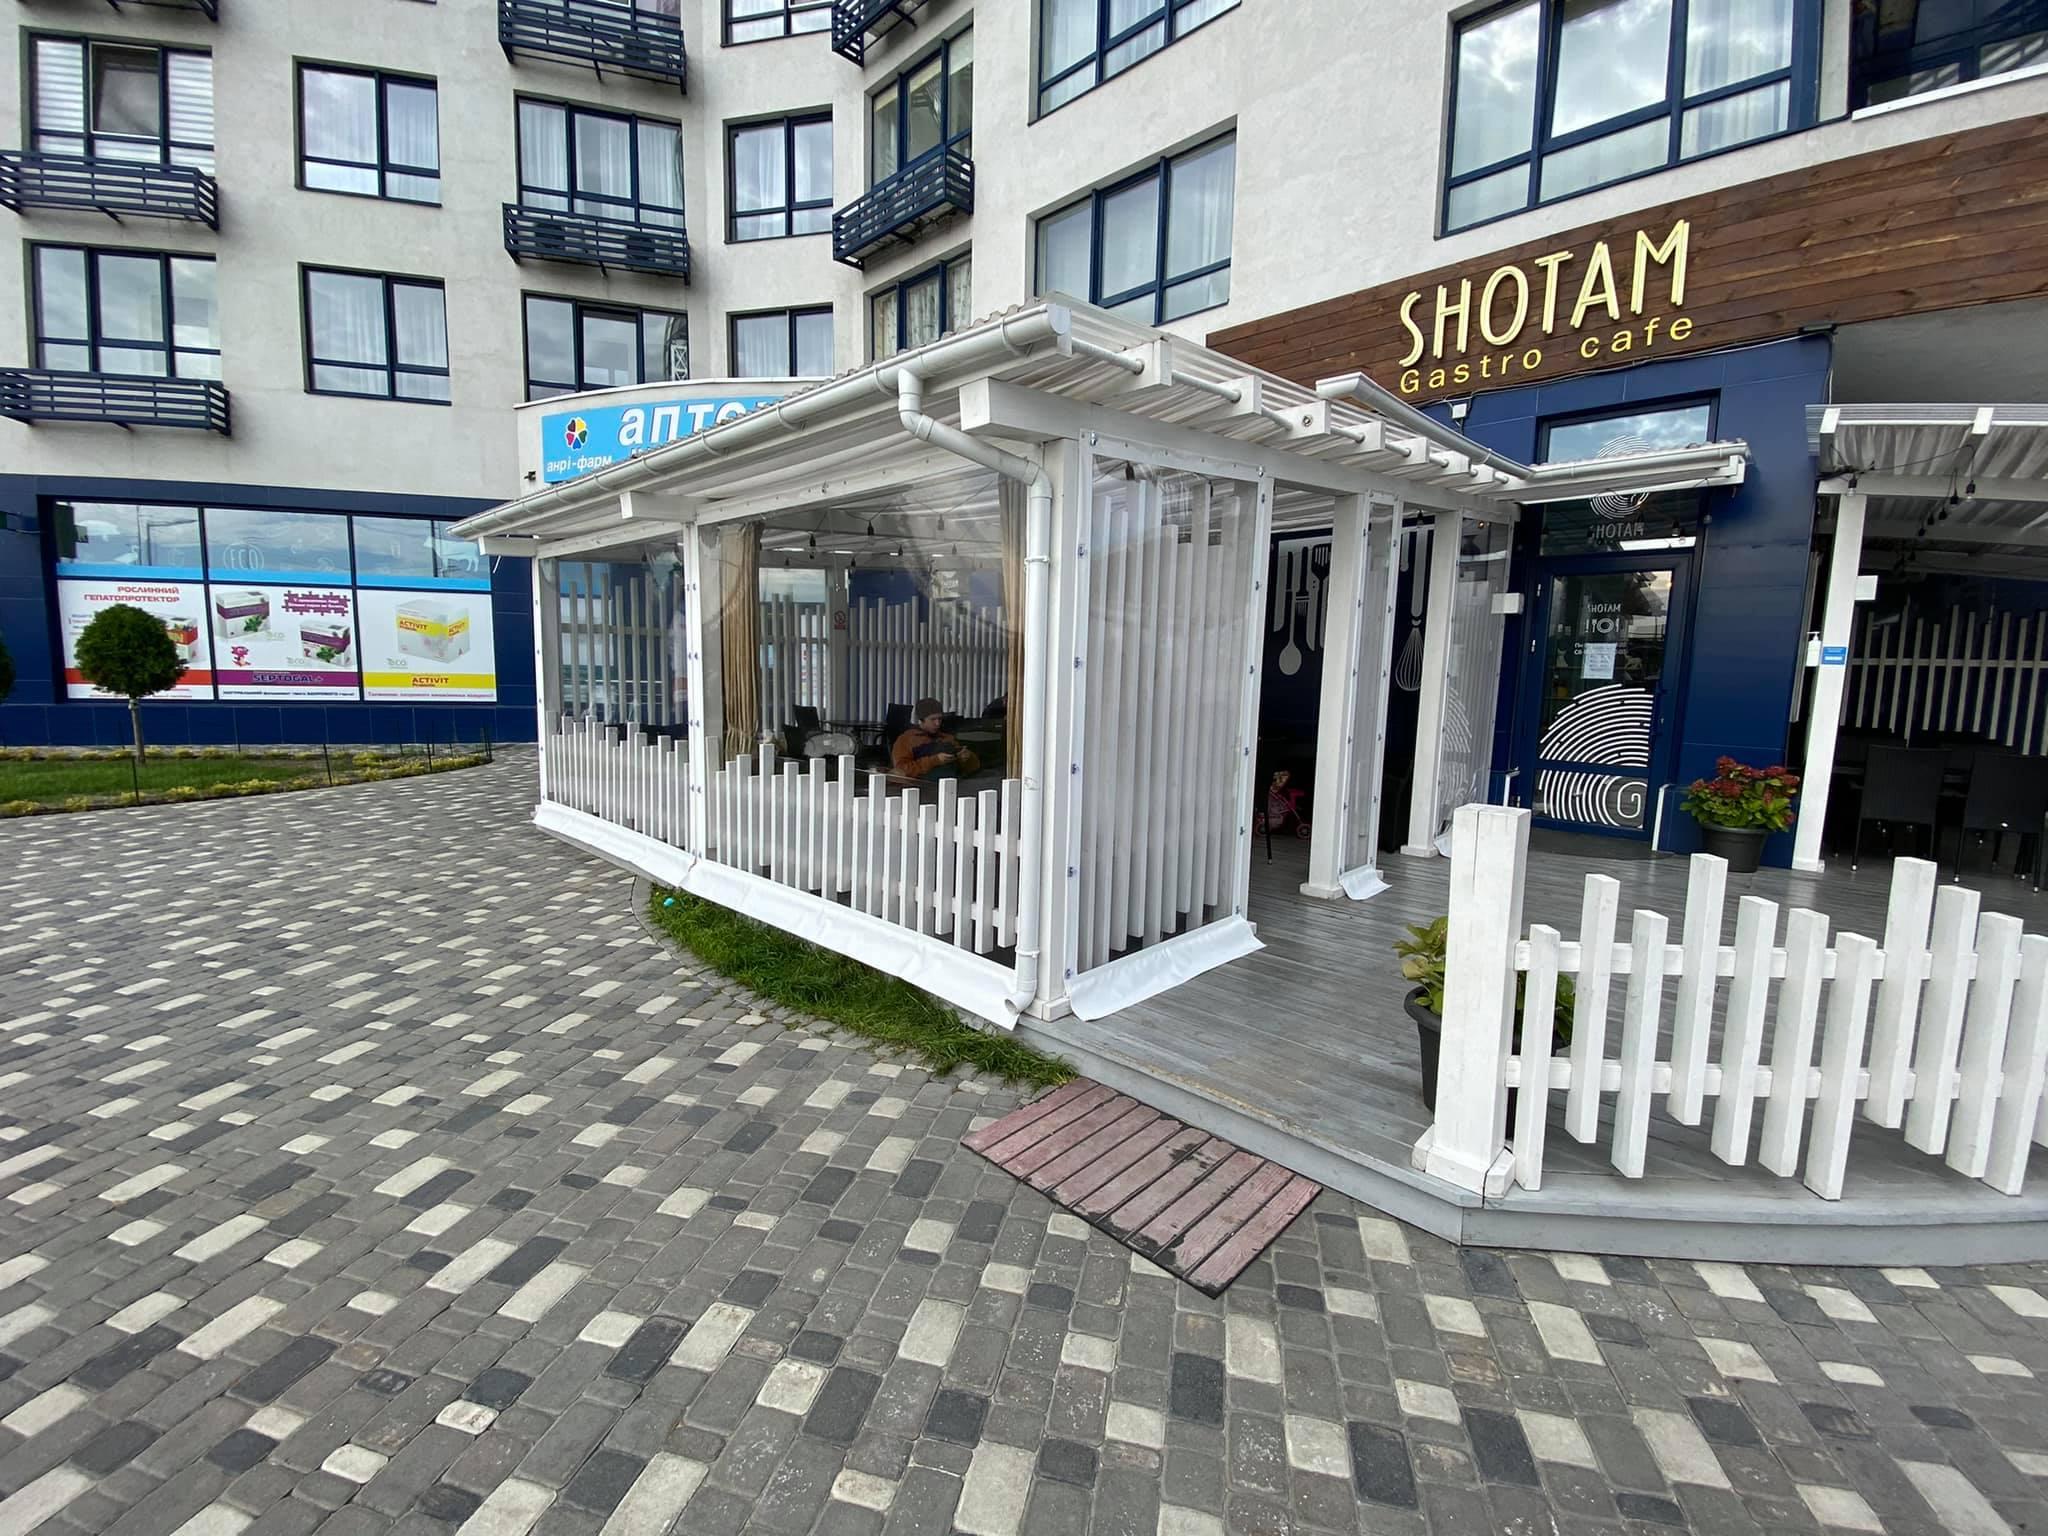 Гибкие окна для гастро кафе Shotam